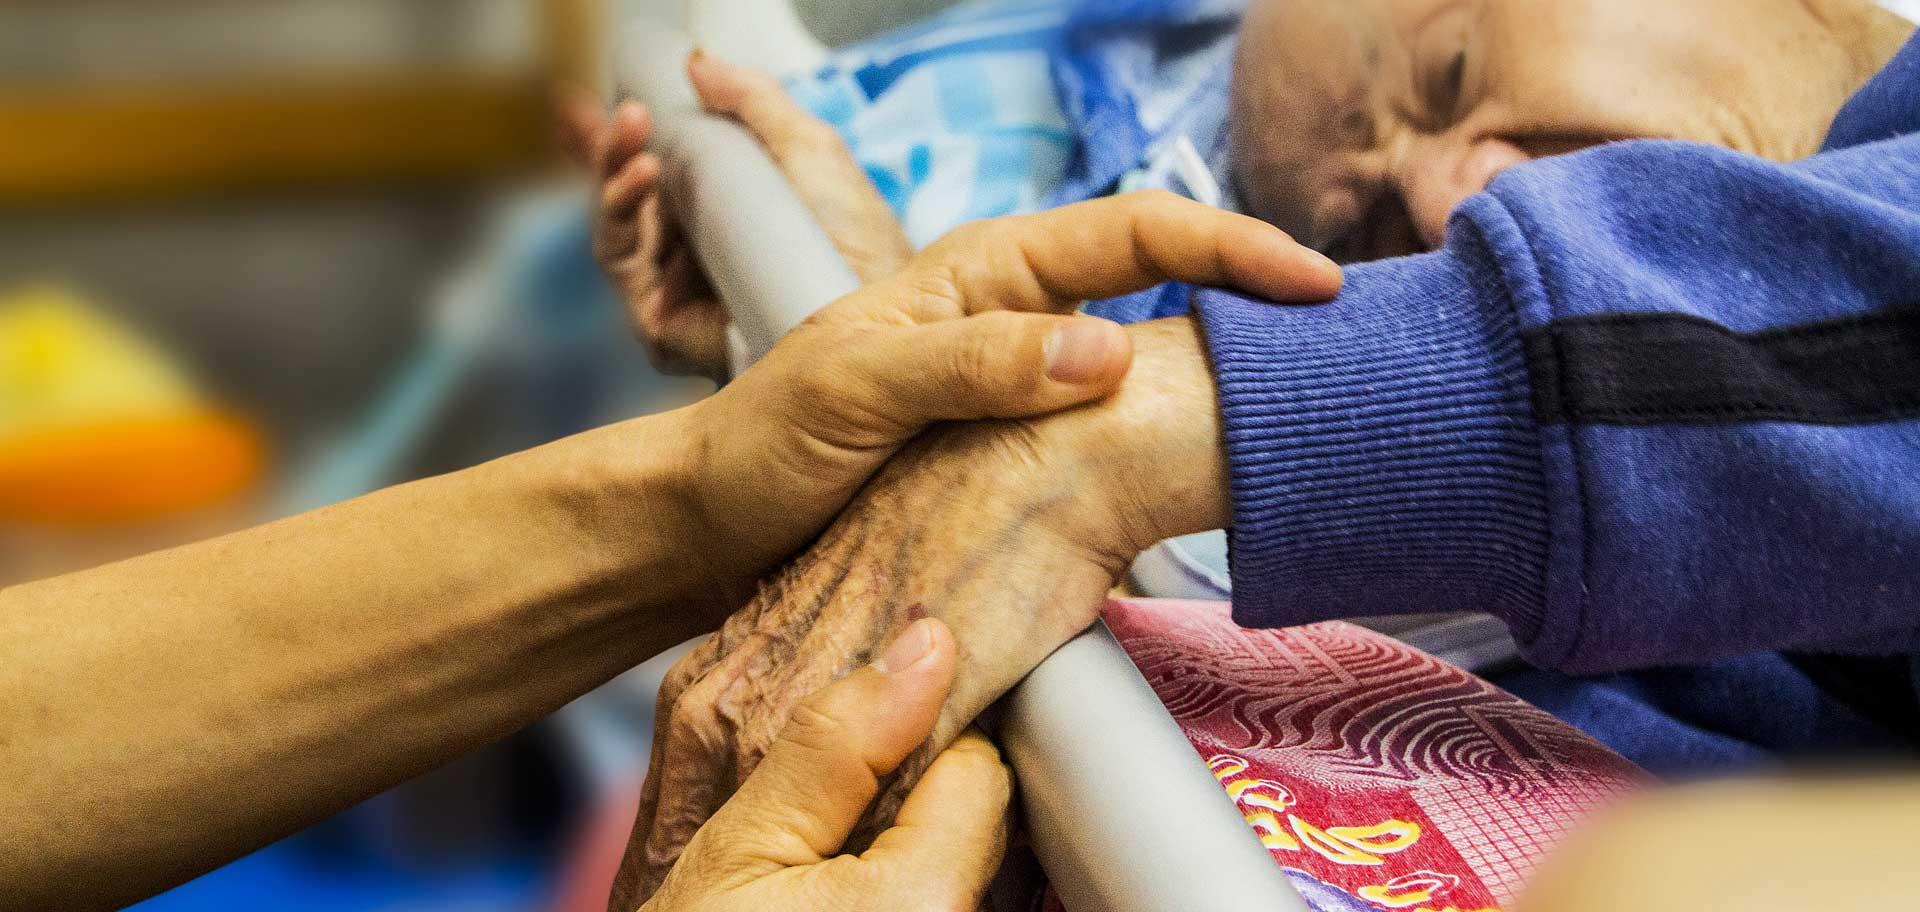 Equipe mobile de soins palliatifs a pour objectif est de soulager la douleur et les autres symptômes et de prendre en compte la souffrance psychologique, sociale et spirituelle.